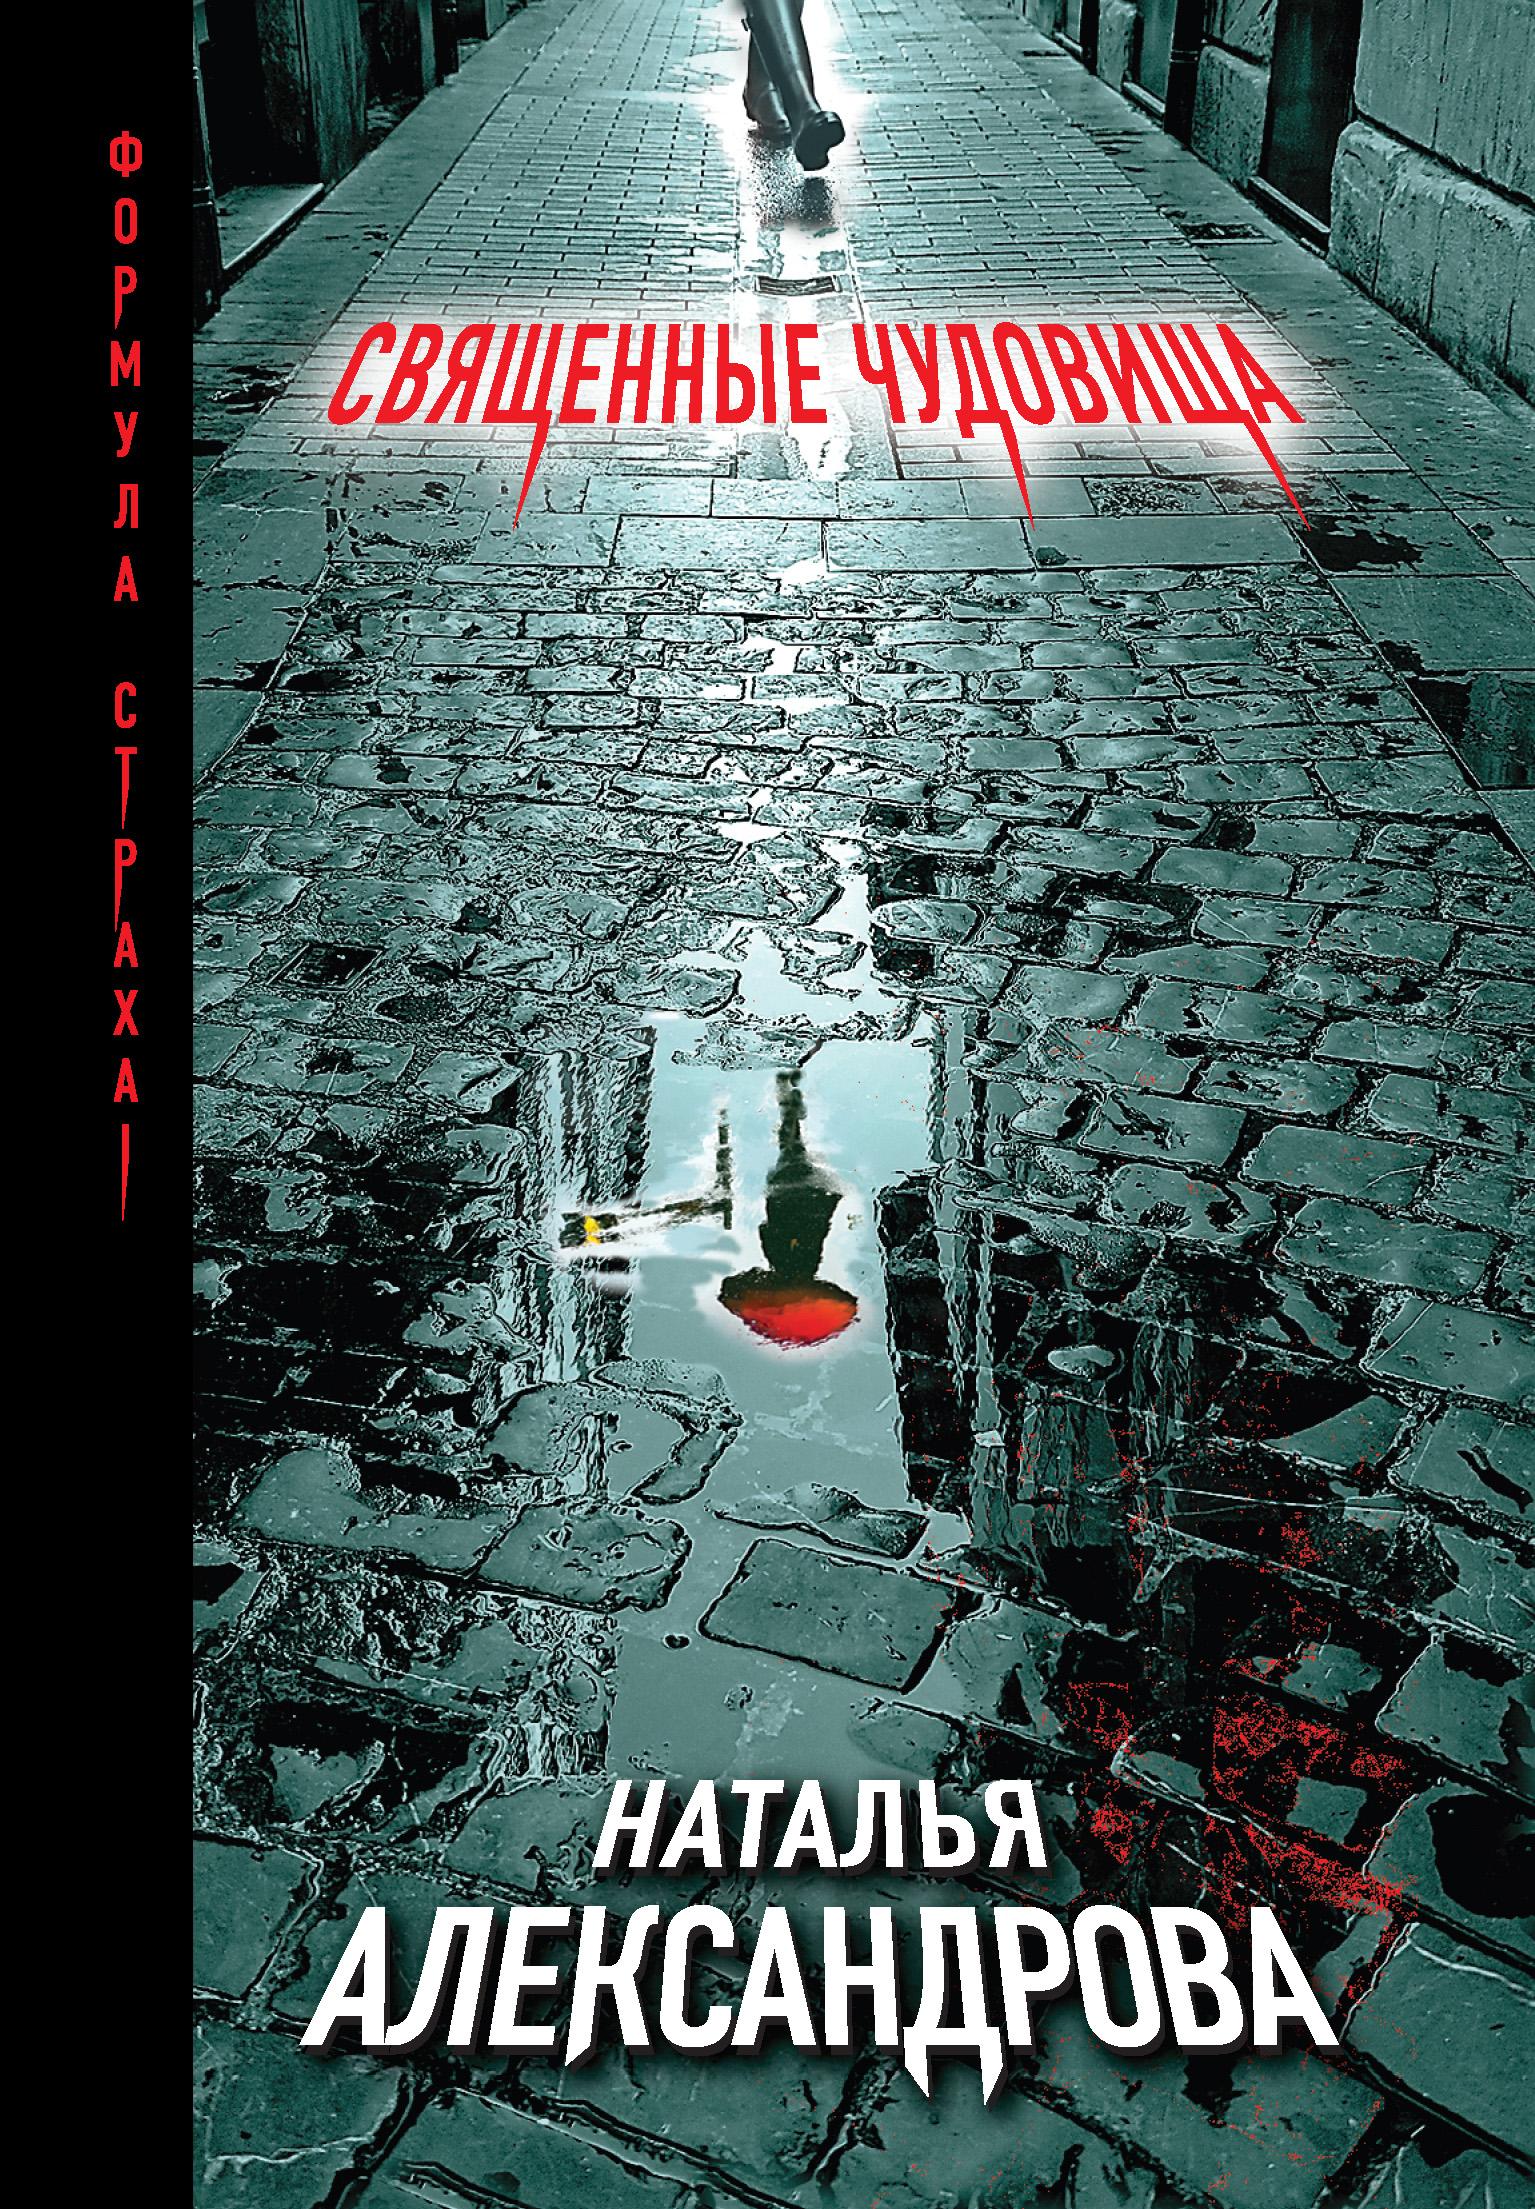 купить Наталья Александрова Священные чудовища по цене 149 рублей